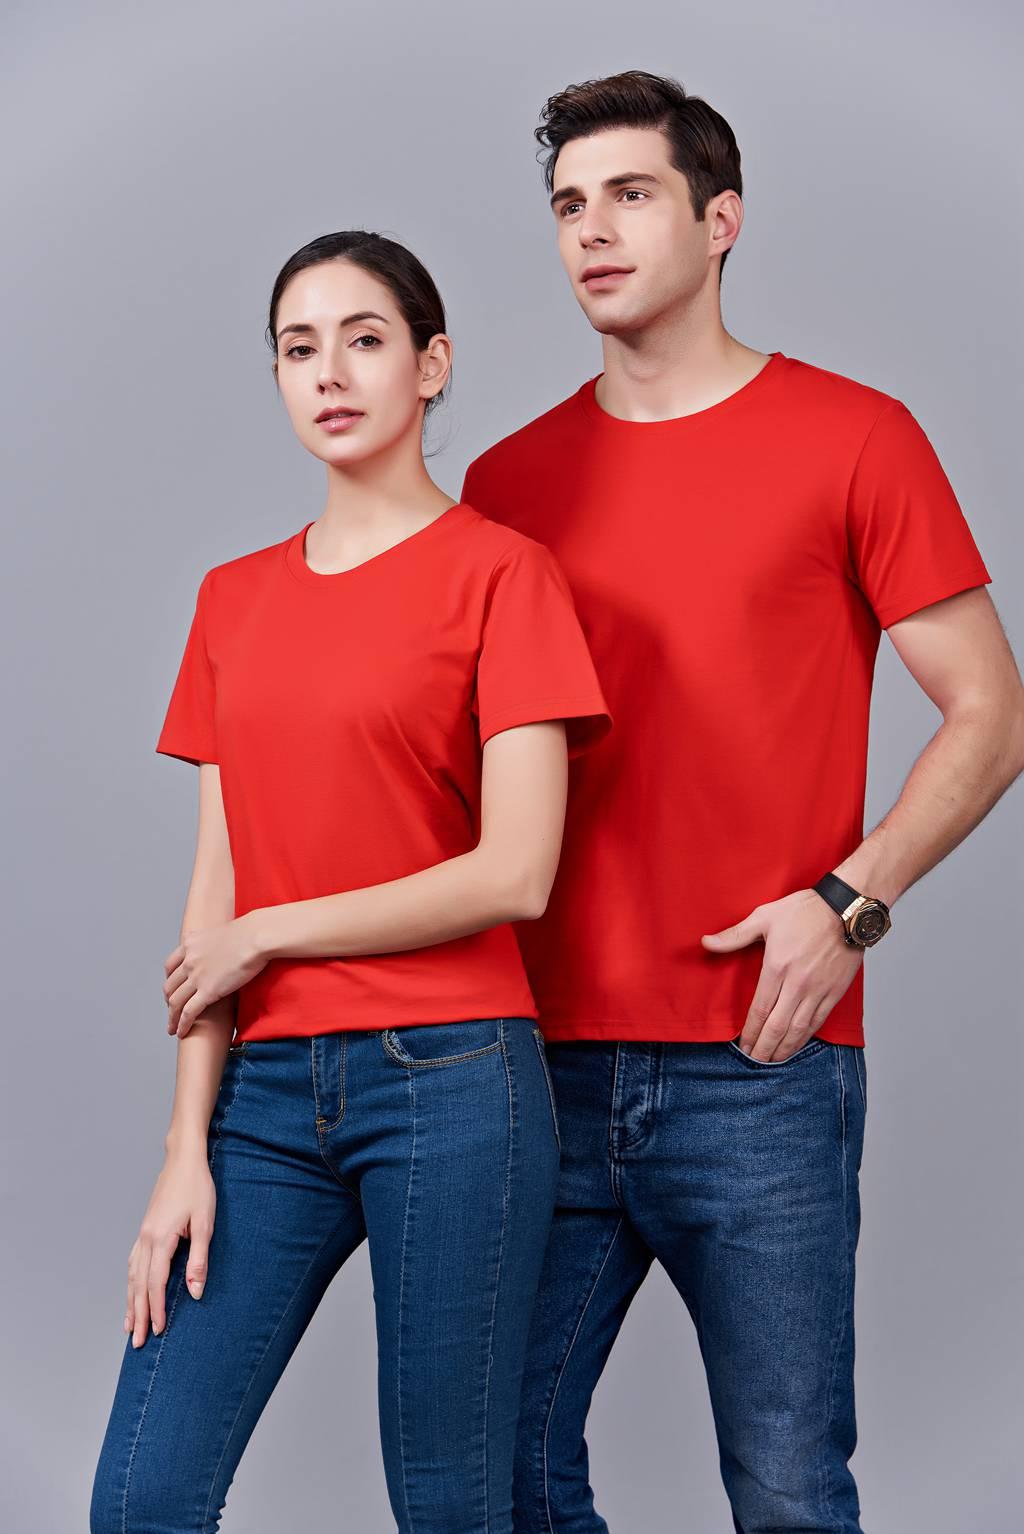 时尚新潮短袖上衣 红色 情侣款亲子款休闲T恤订制